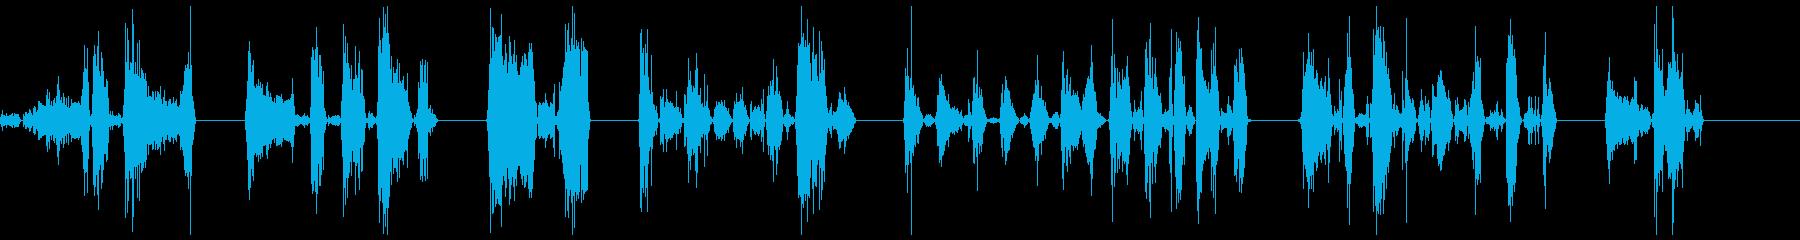 ゾンビの悪質な攻撃1-7の再生済みの波形